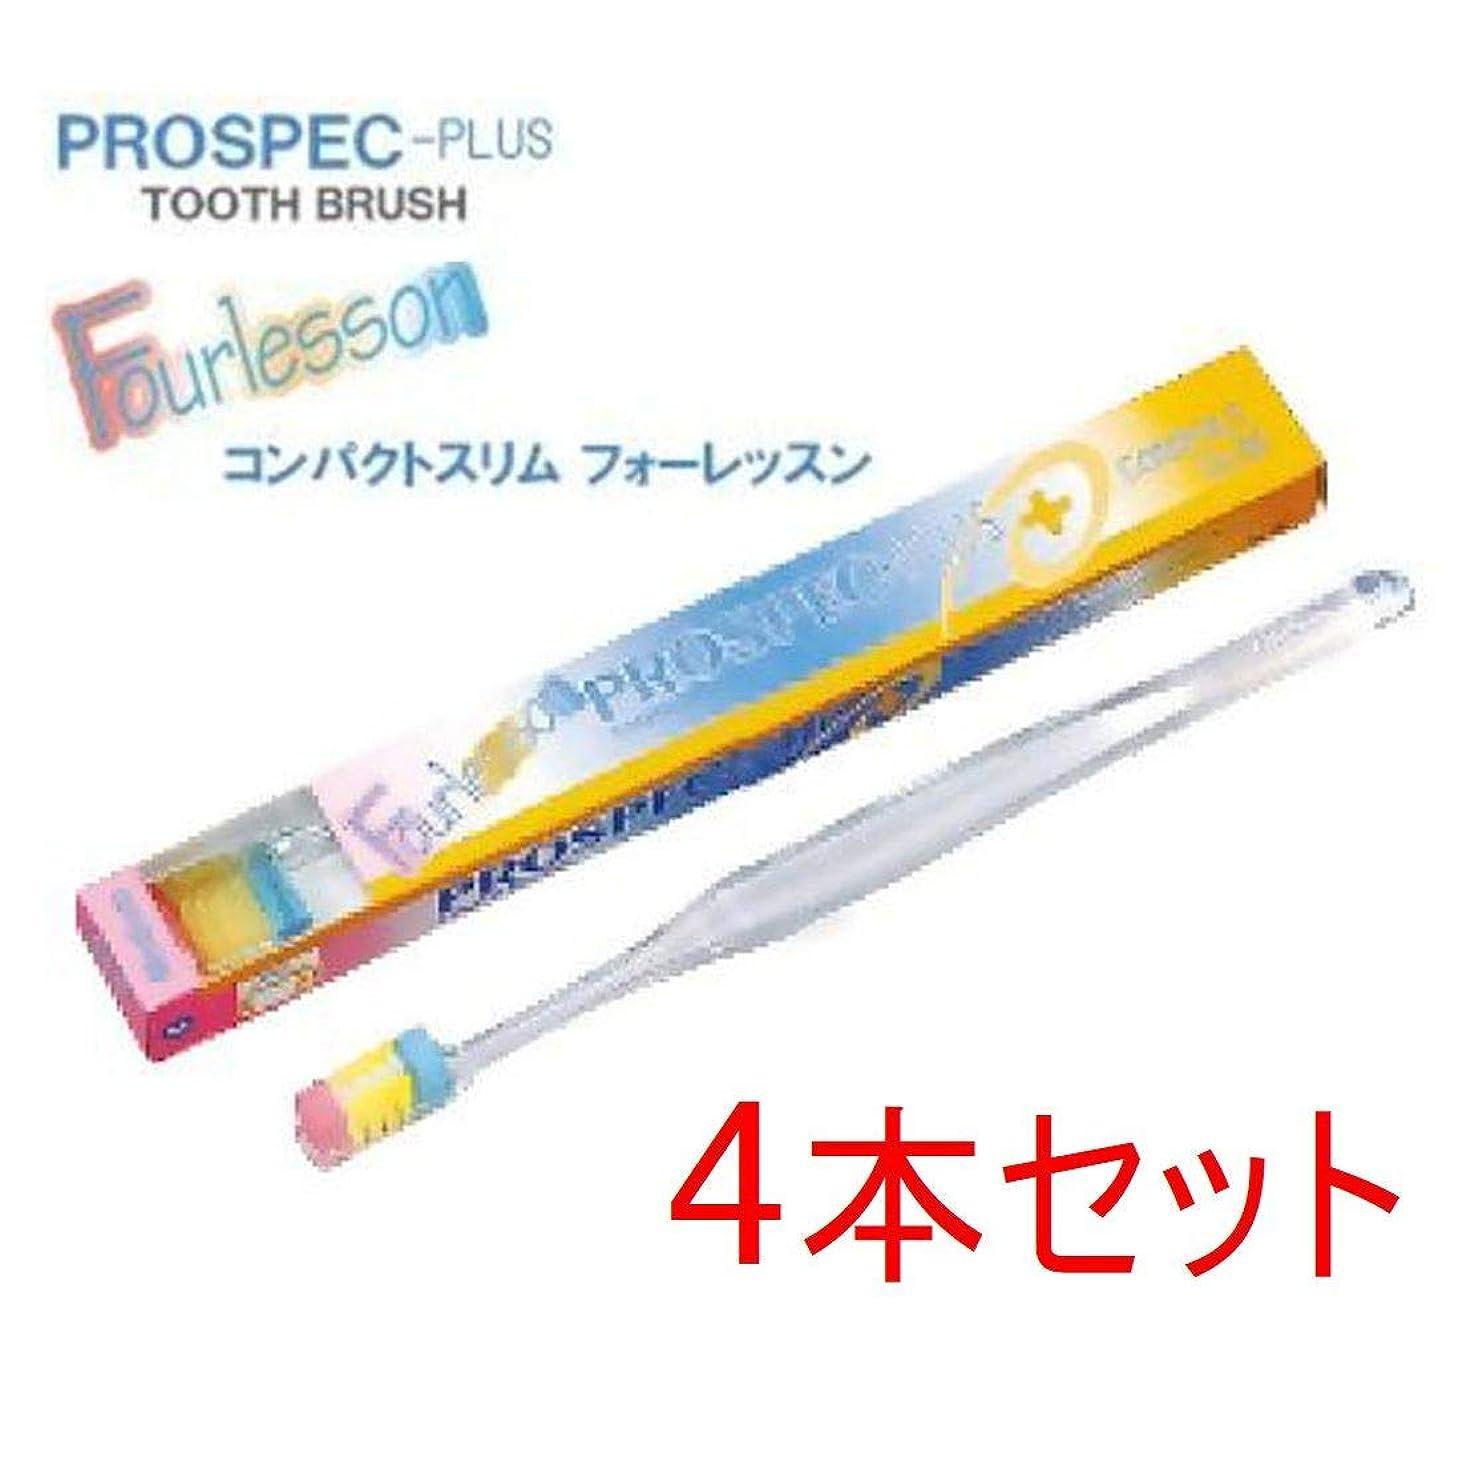 今保護する教育するプロスペック 歯ブラシ コンパクトスリム 4本 フォーレッスン 毛の硬さ ふつう